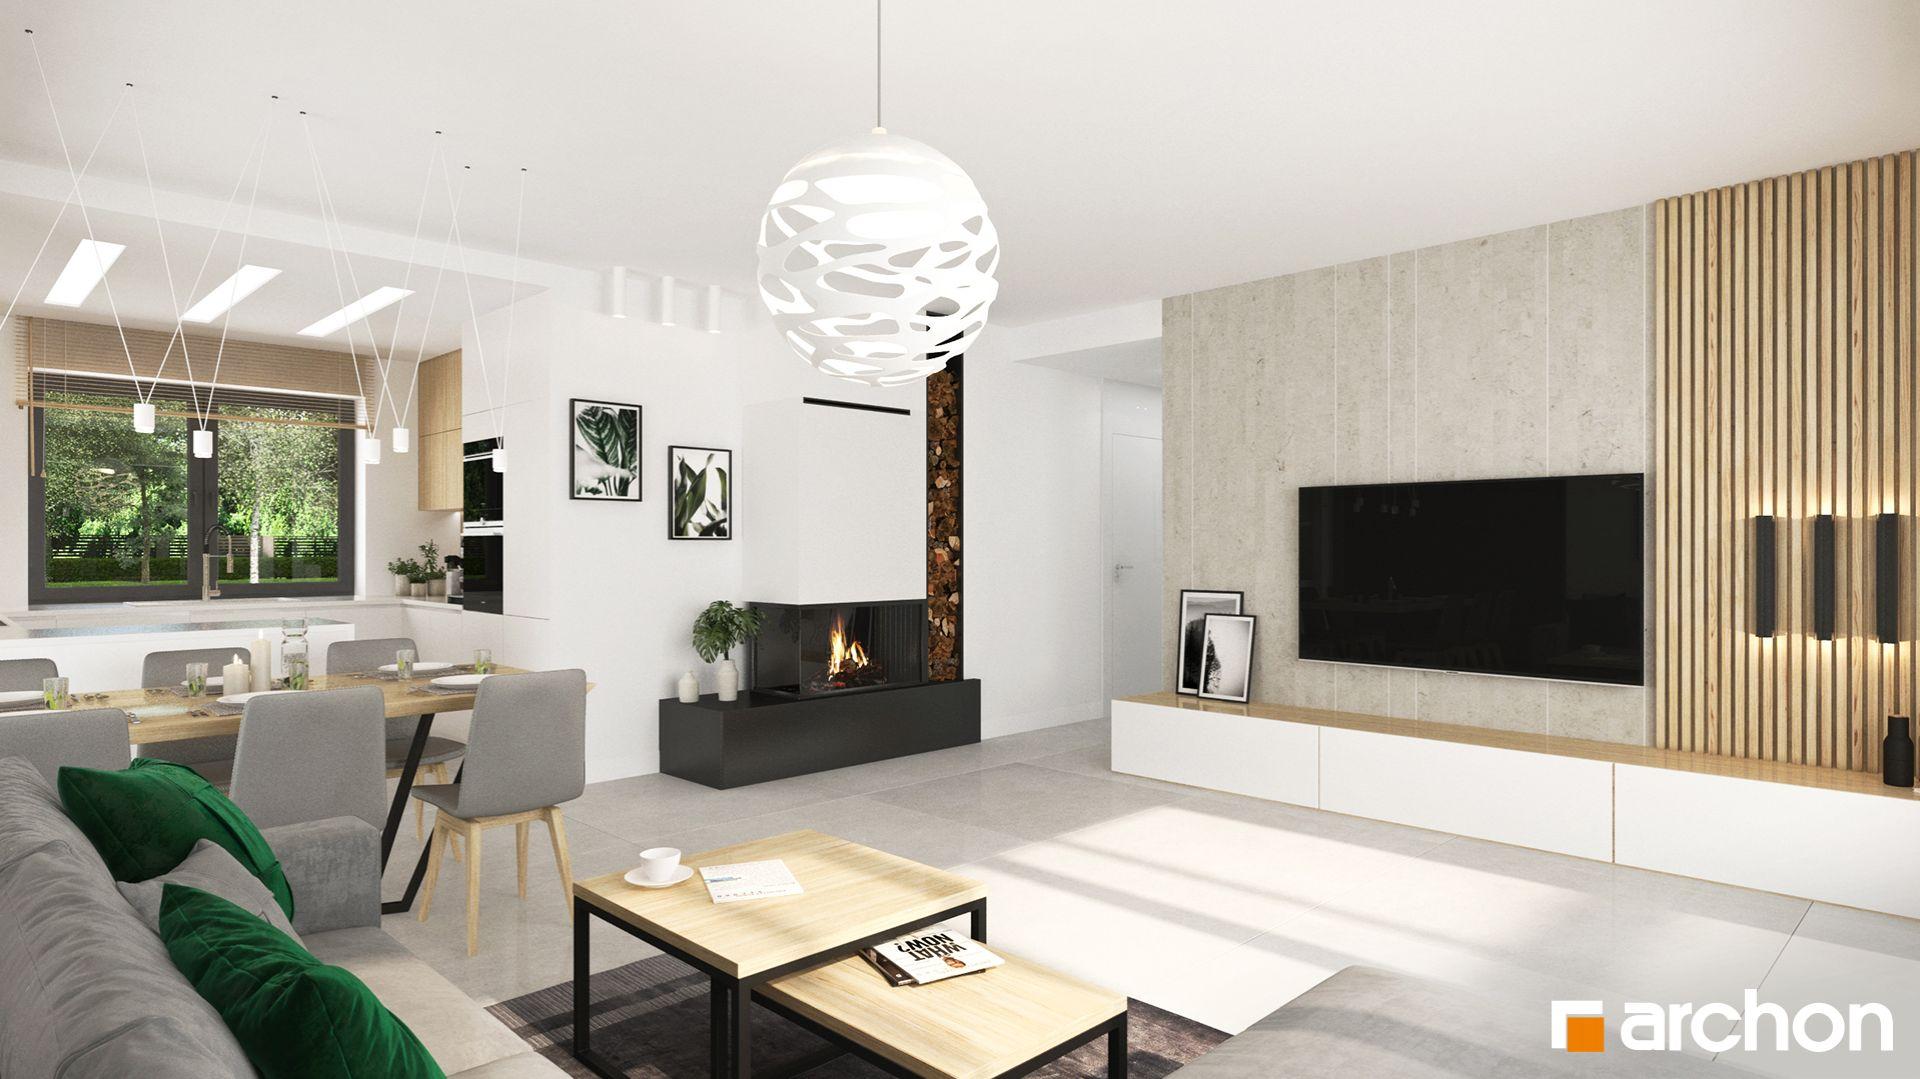 Dom w kostrzewach 4 - mała, ekonomiczna, wygodna parterówka o pow. 100 m2. Fot. Biuro Projektów ARCHON+